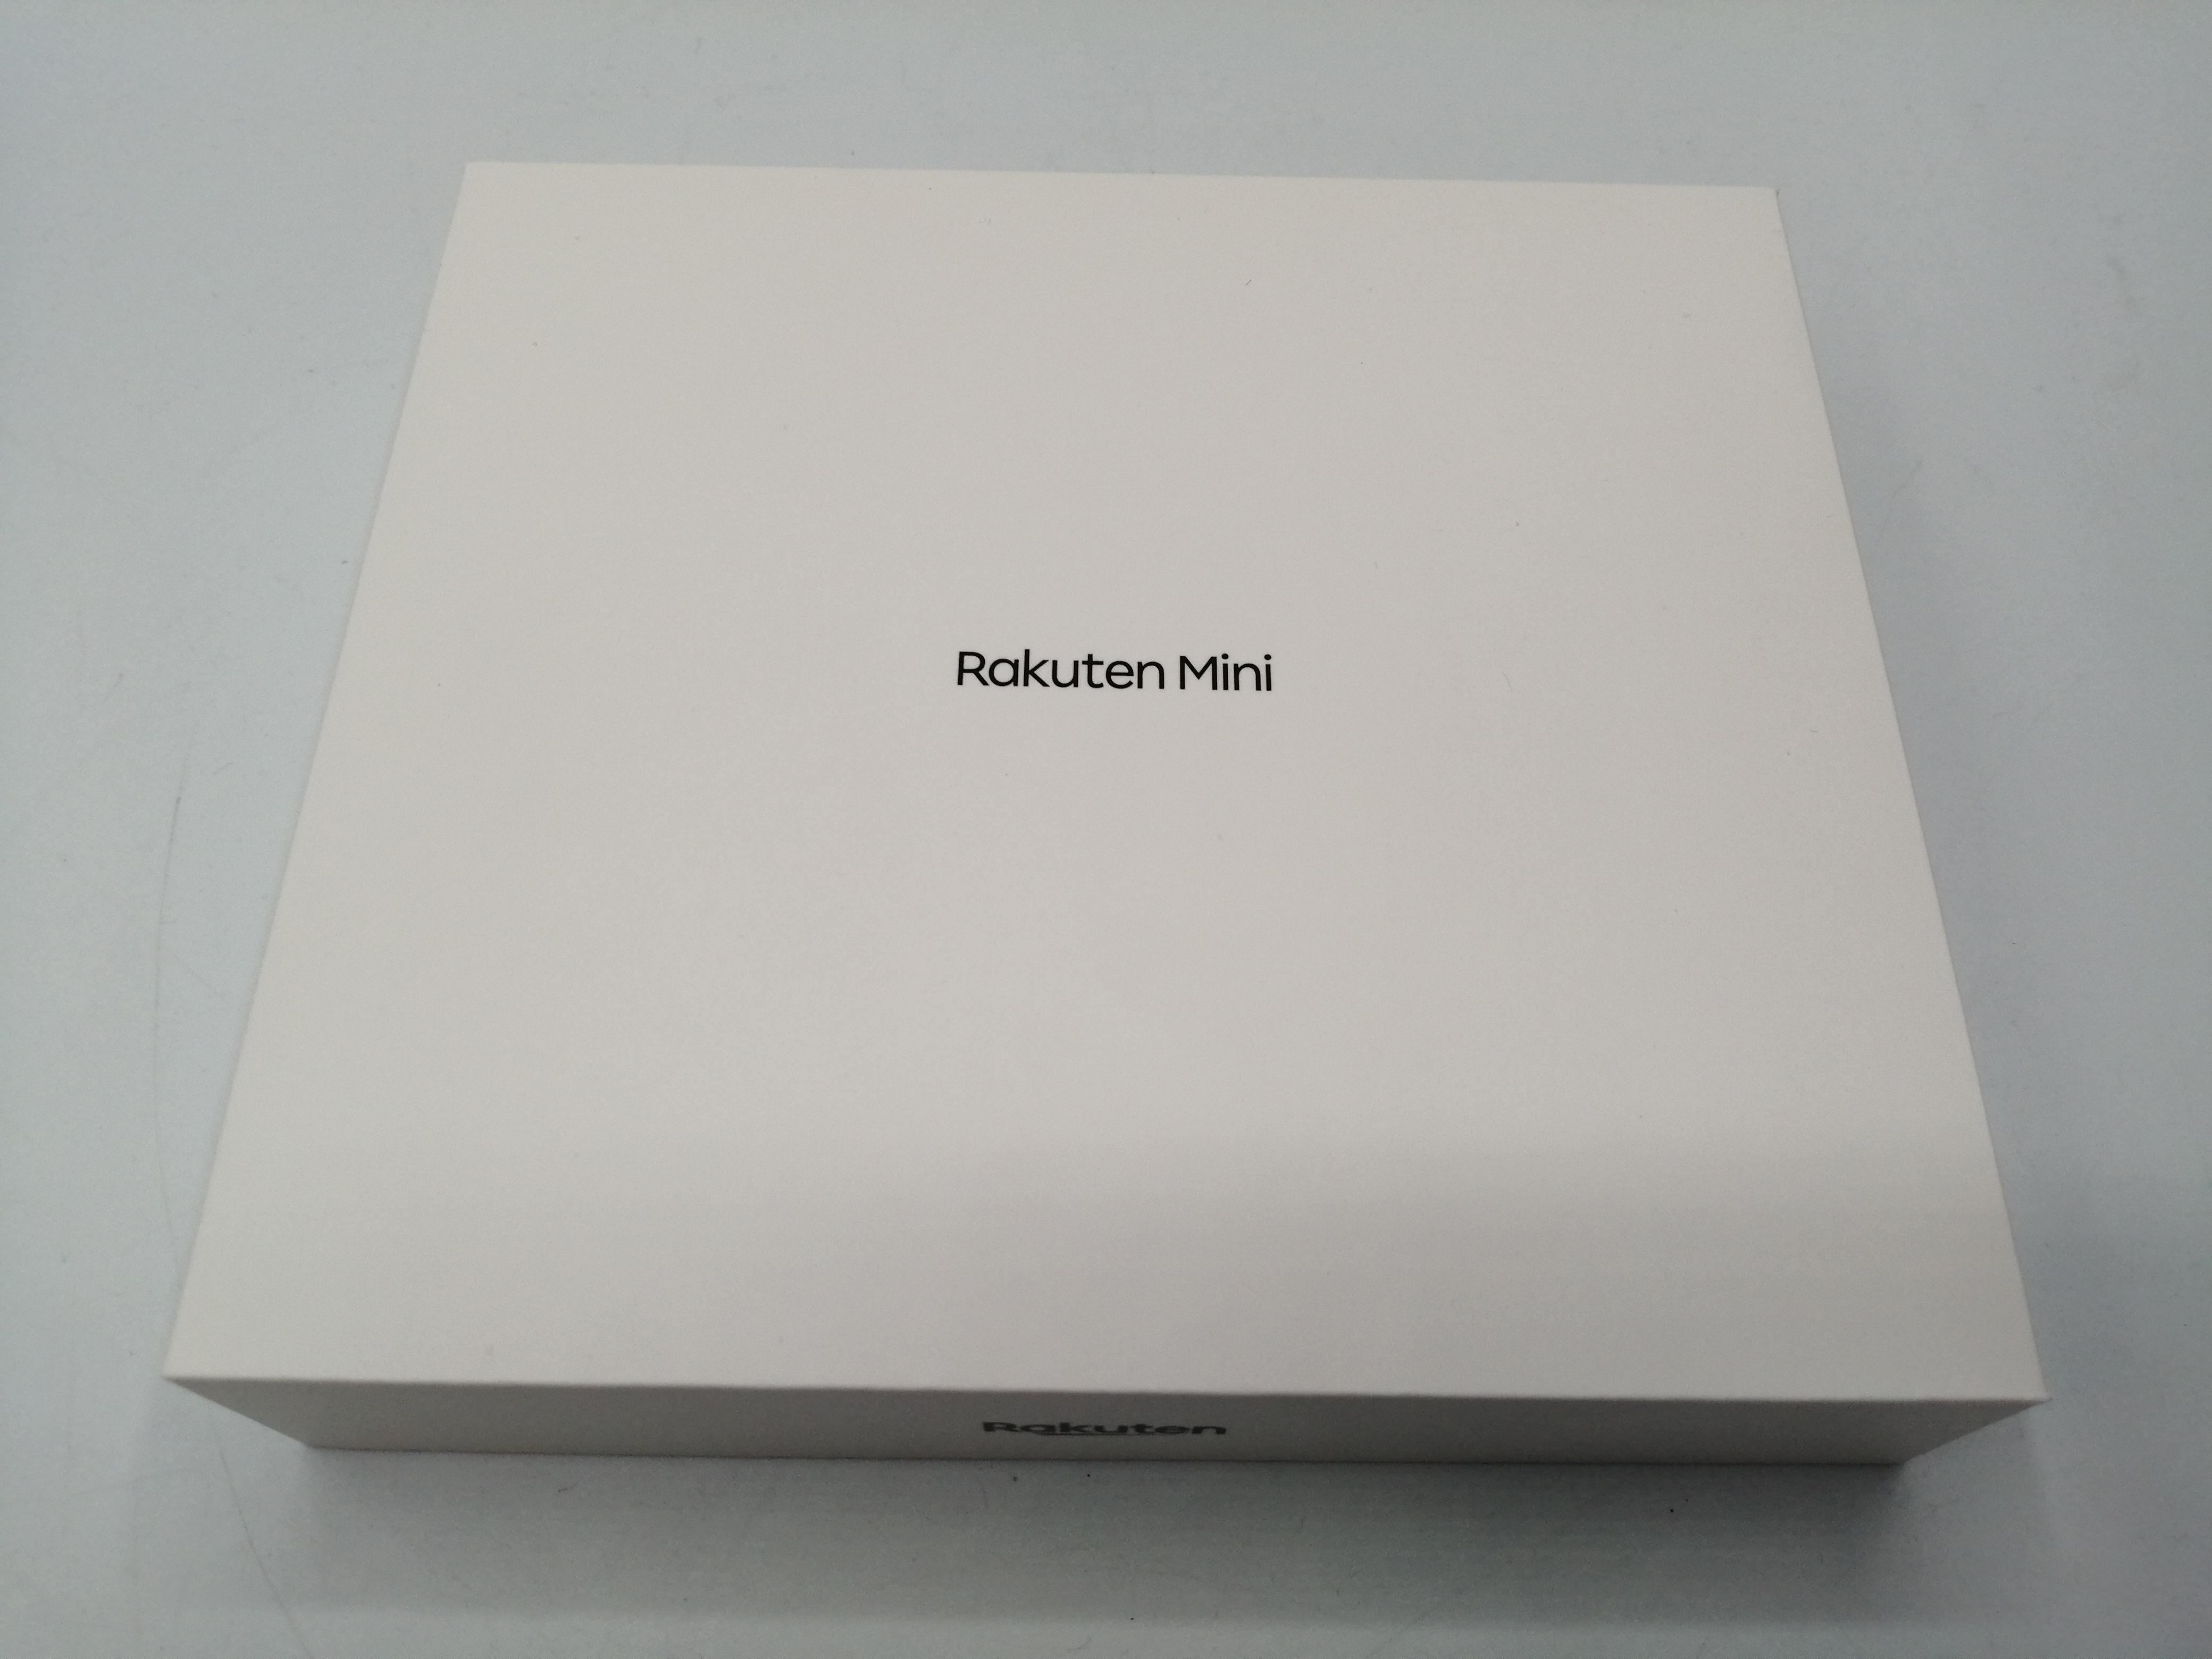 スマートフォン|RAKUTEN